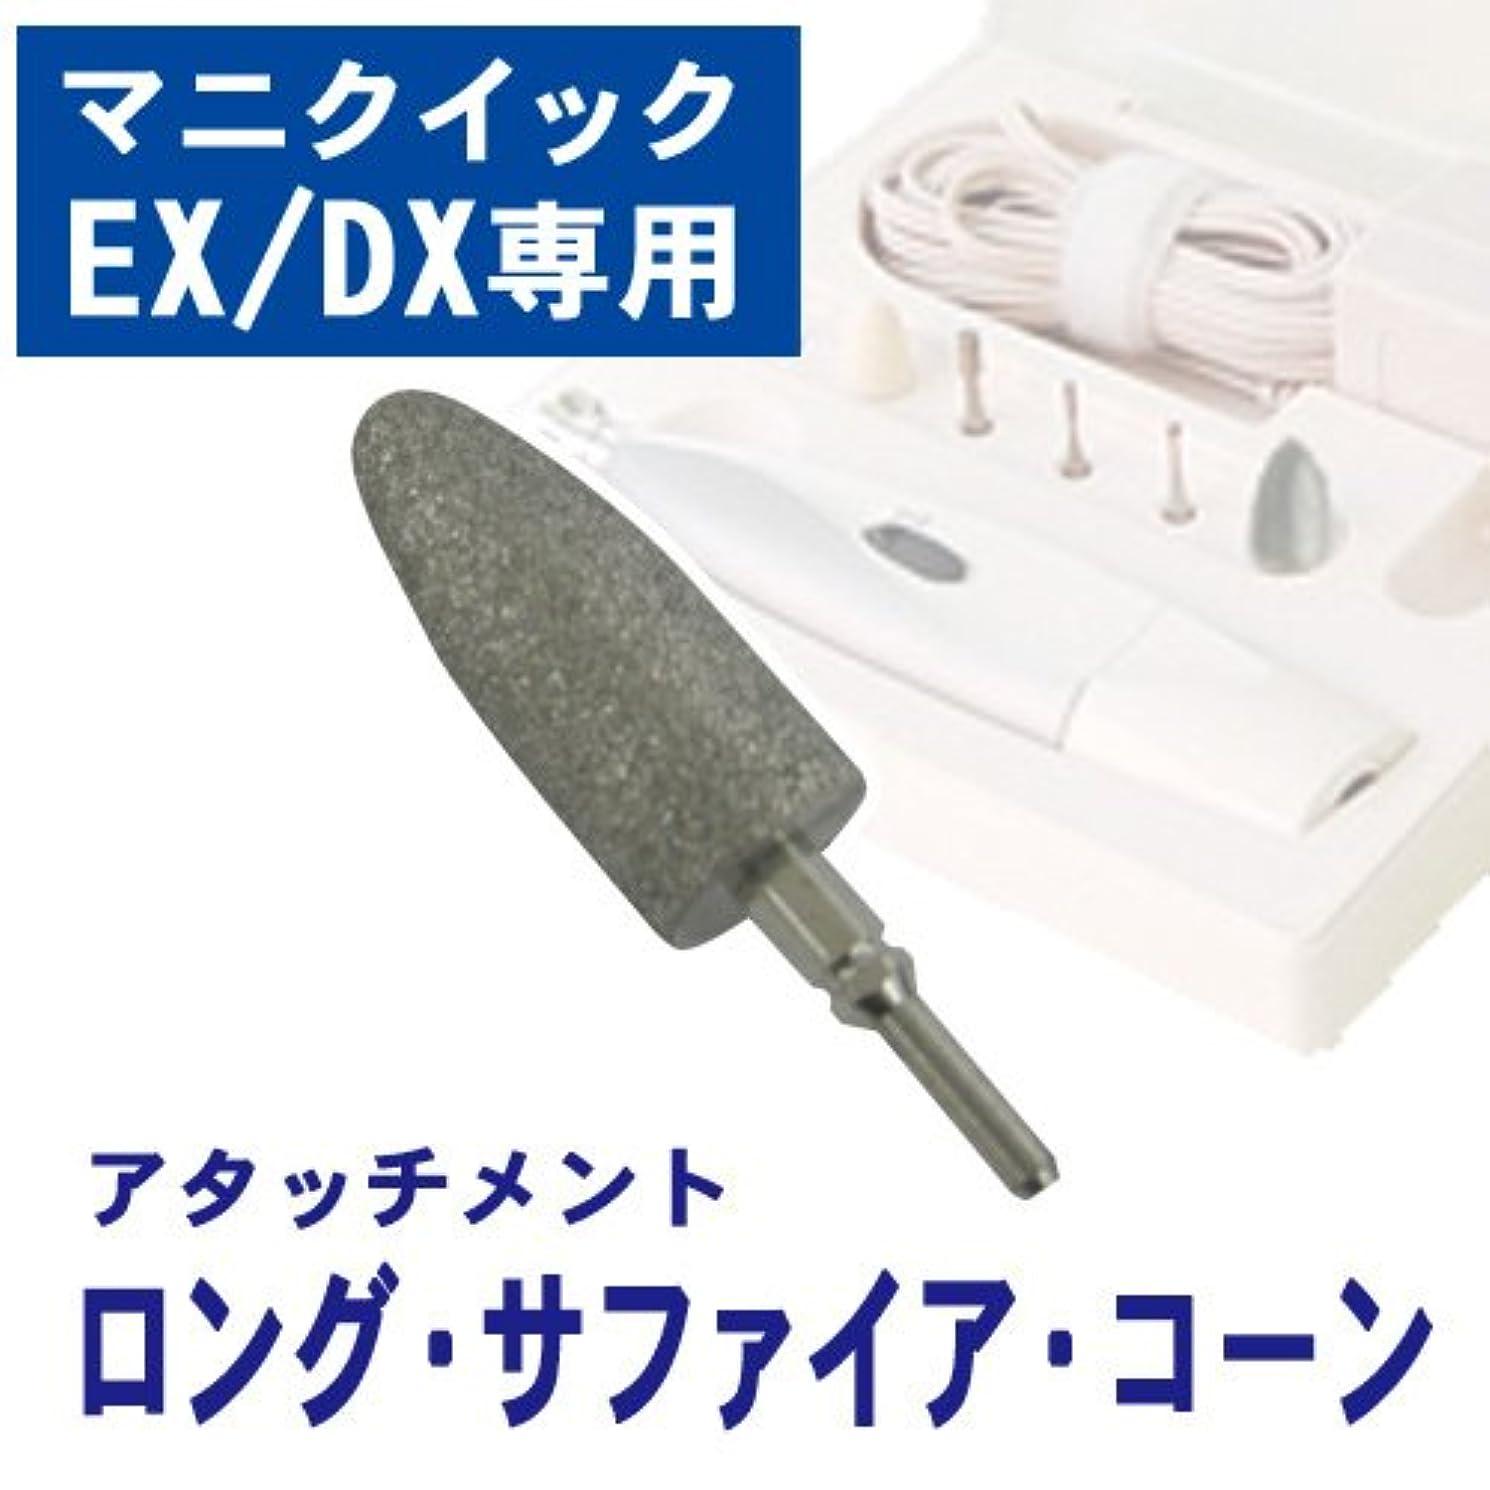 フィクション侵入するミニマニクイックEX/DX 専用アタッチメント ( ロング?サファイア?コーン )